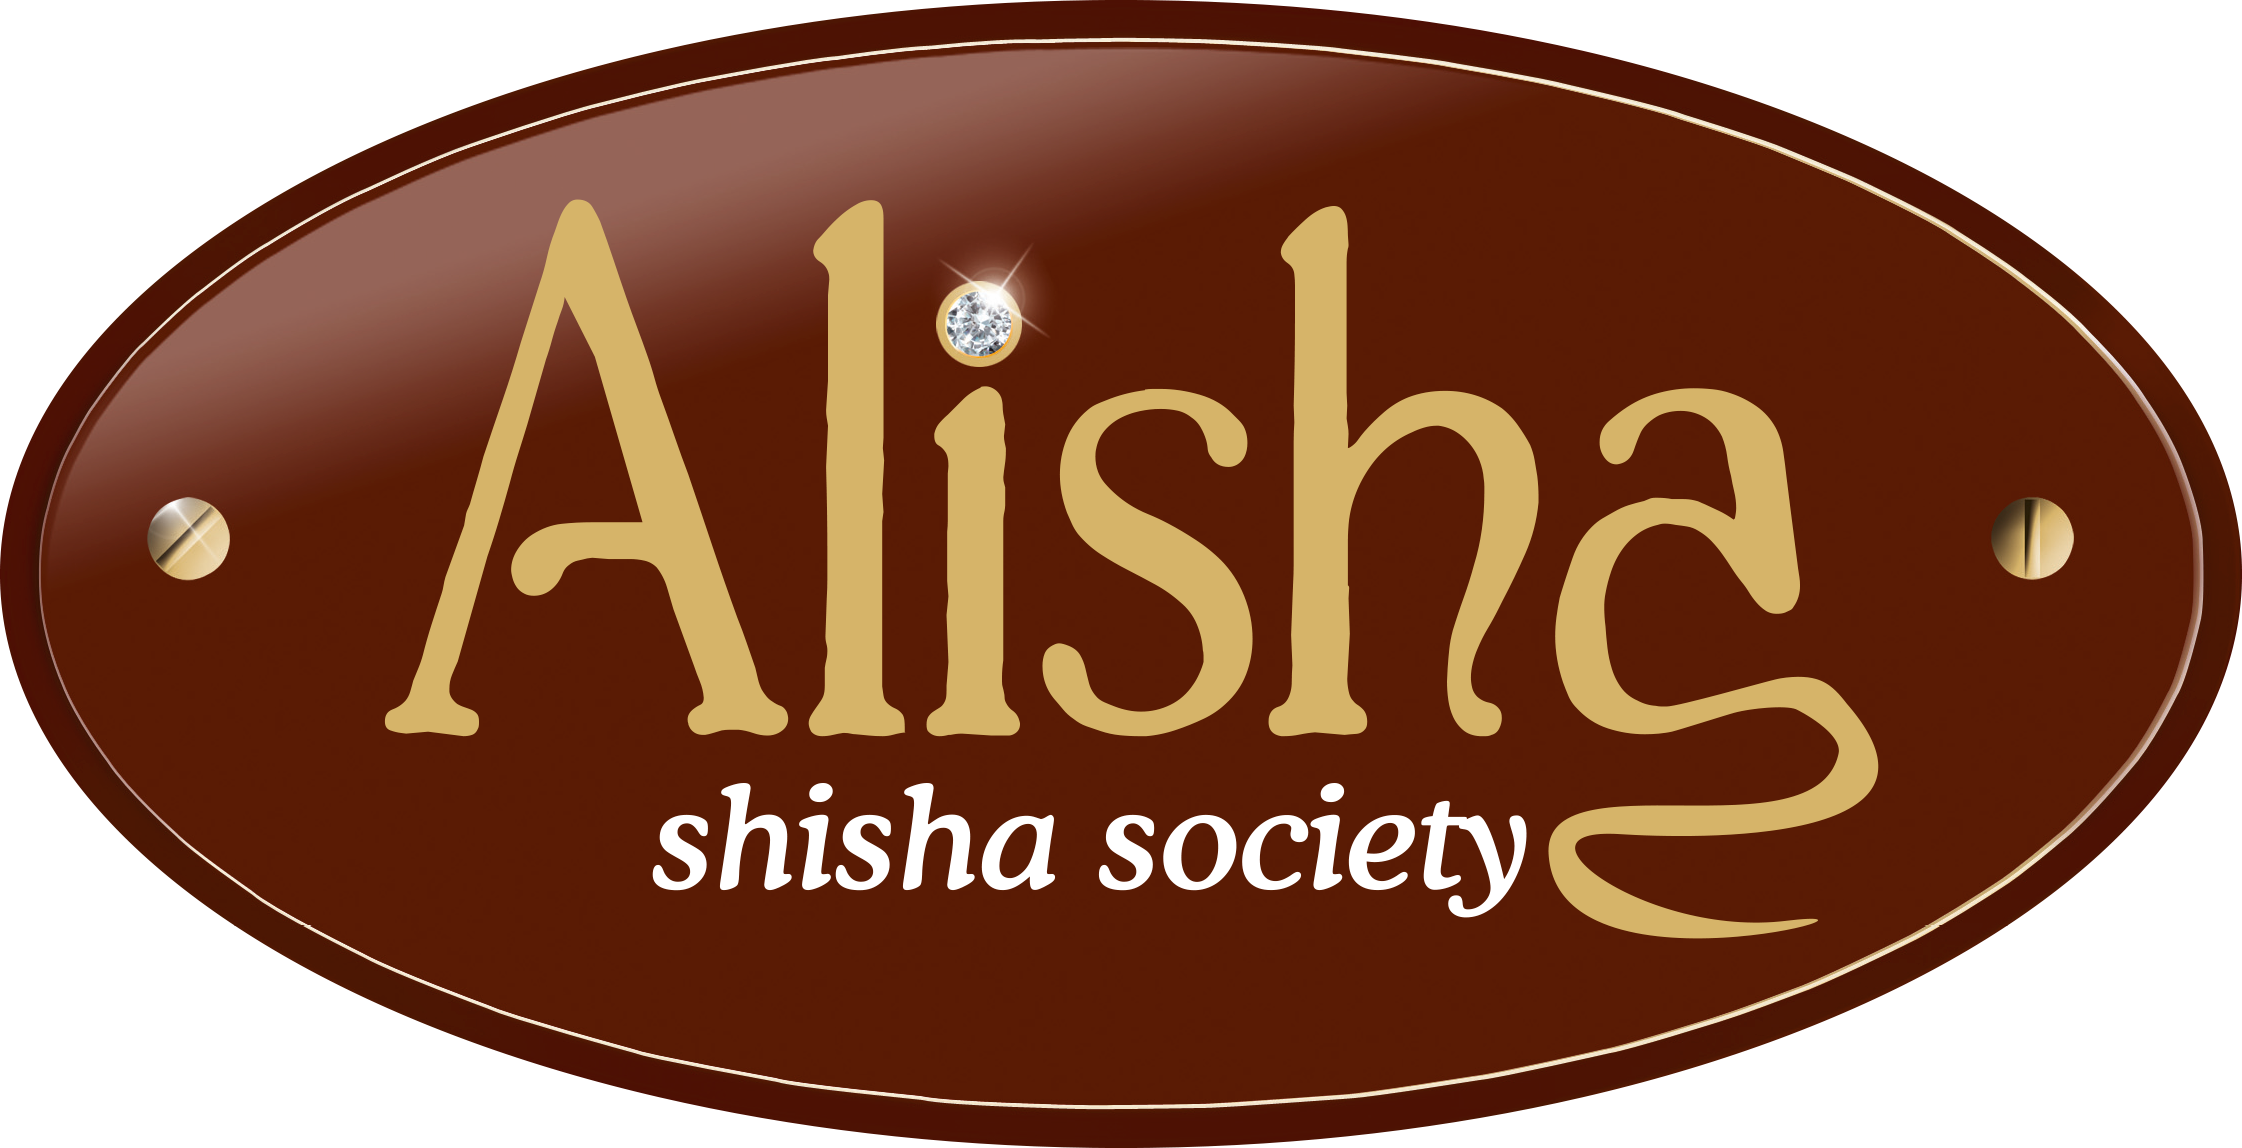 Alisha shisha